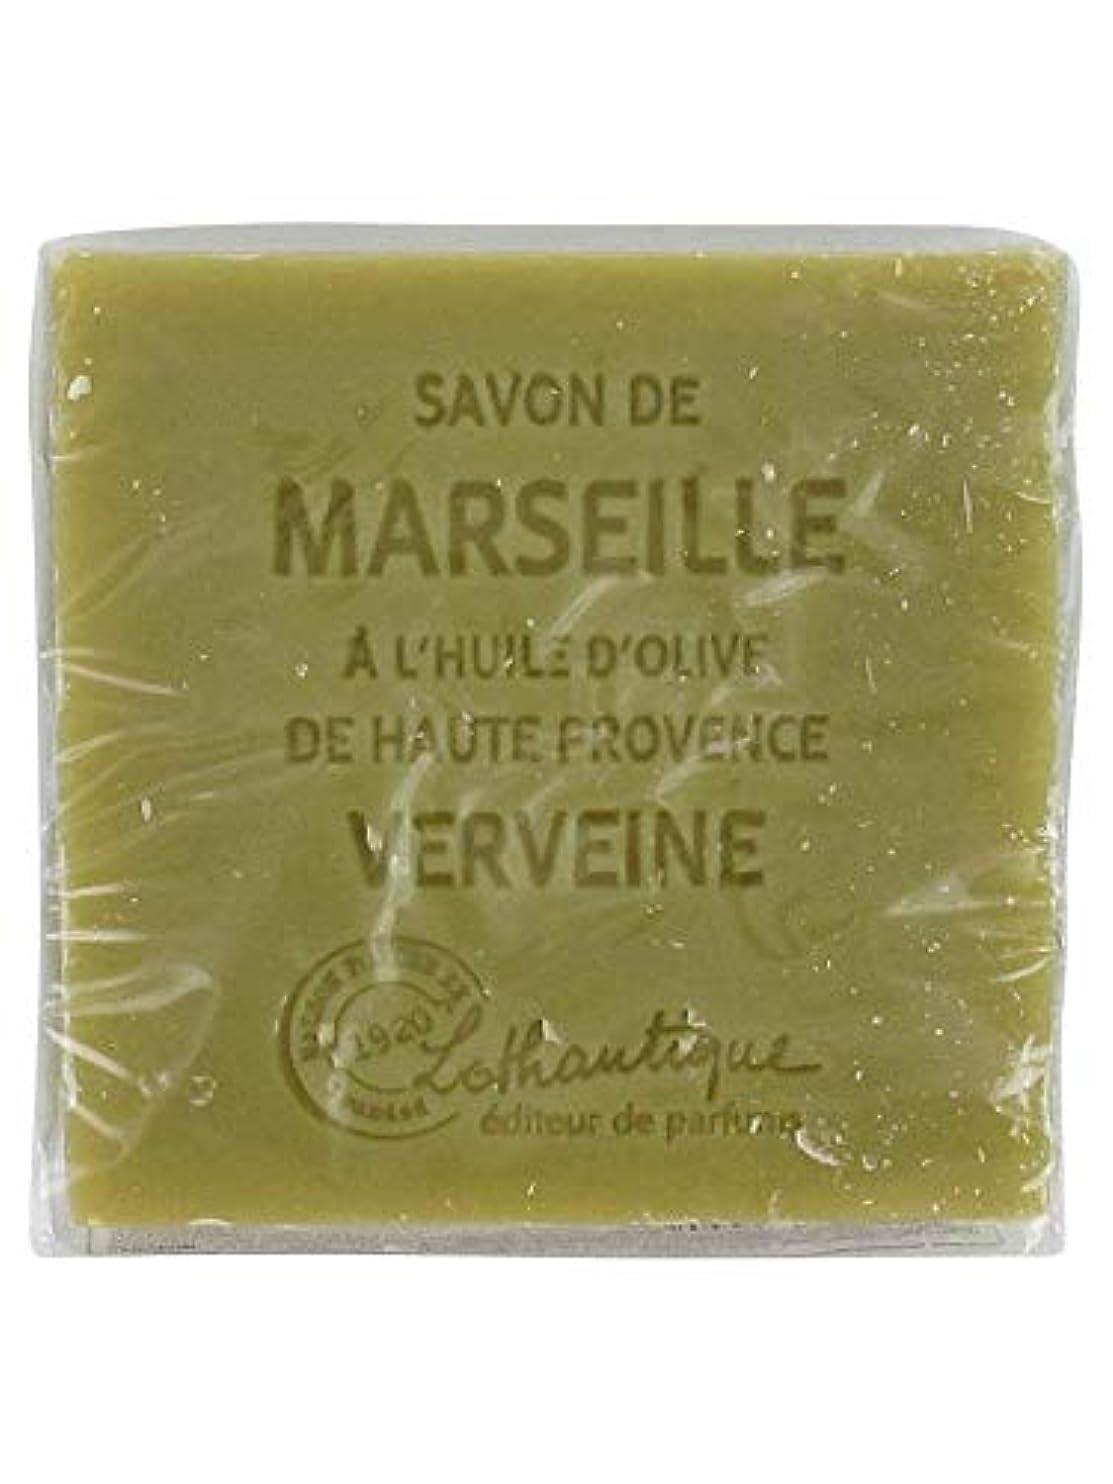 三番メダル狂信者Lothantique(ロタンティック) Les savons de Marseille(マルセイユソープ) マルセイユソープ 100g 「ベルベーヌ」 3420070038142